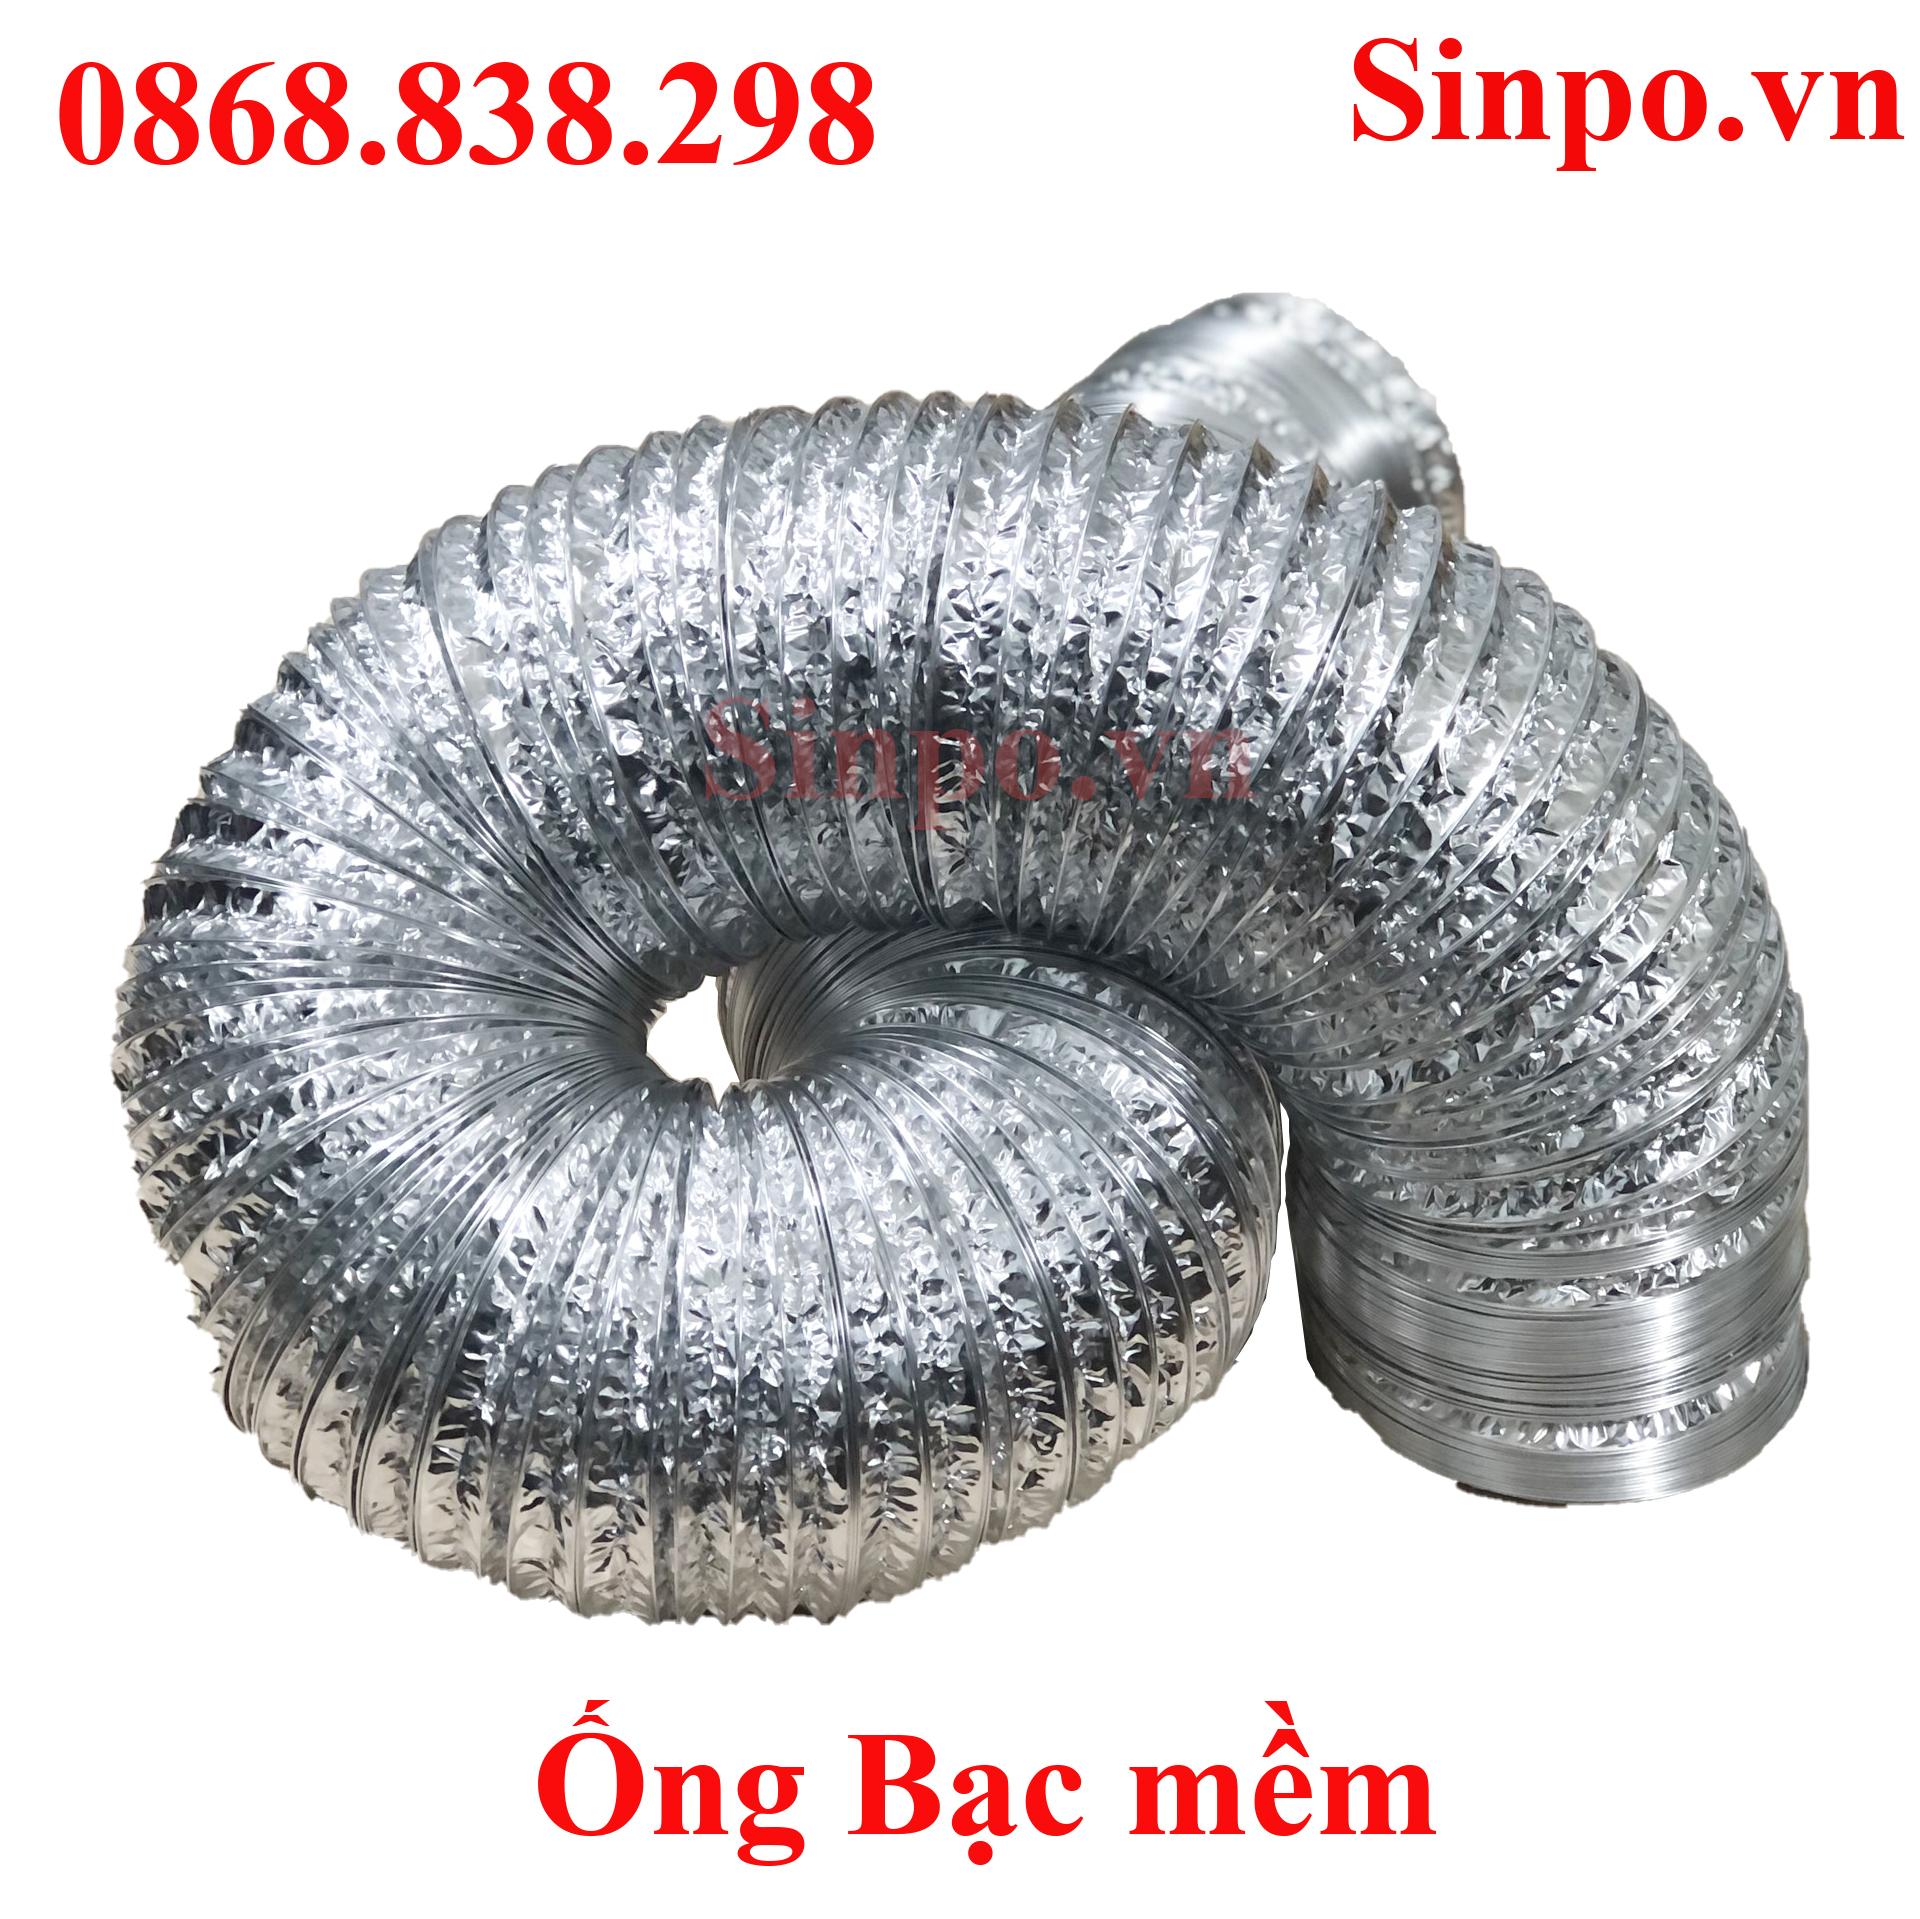 Địa chỉ bán ống gió bạc mềm tại Bắc Ninh